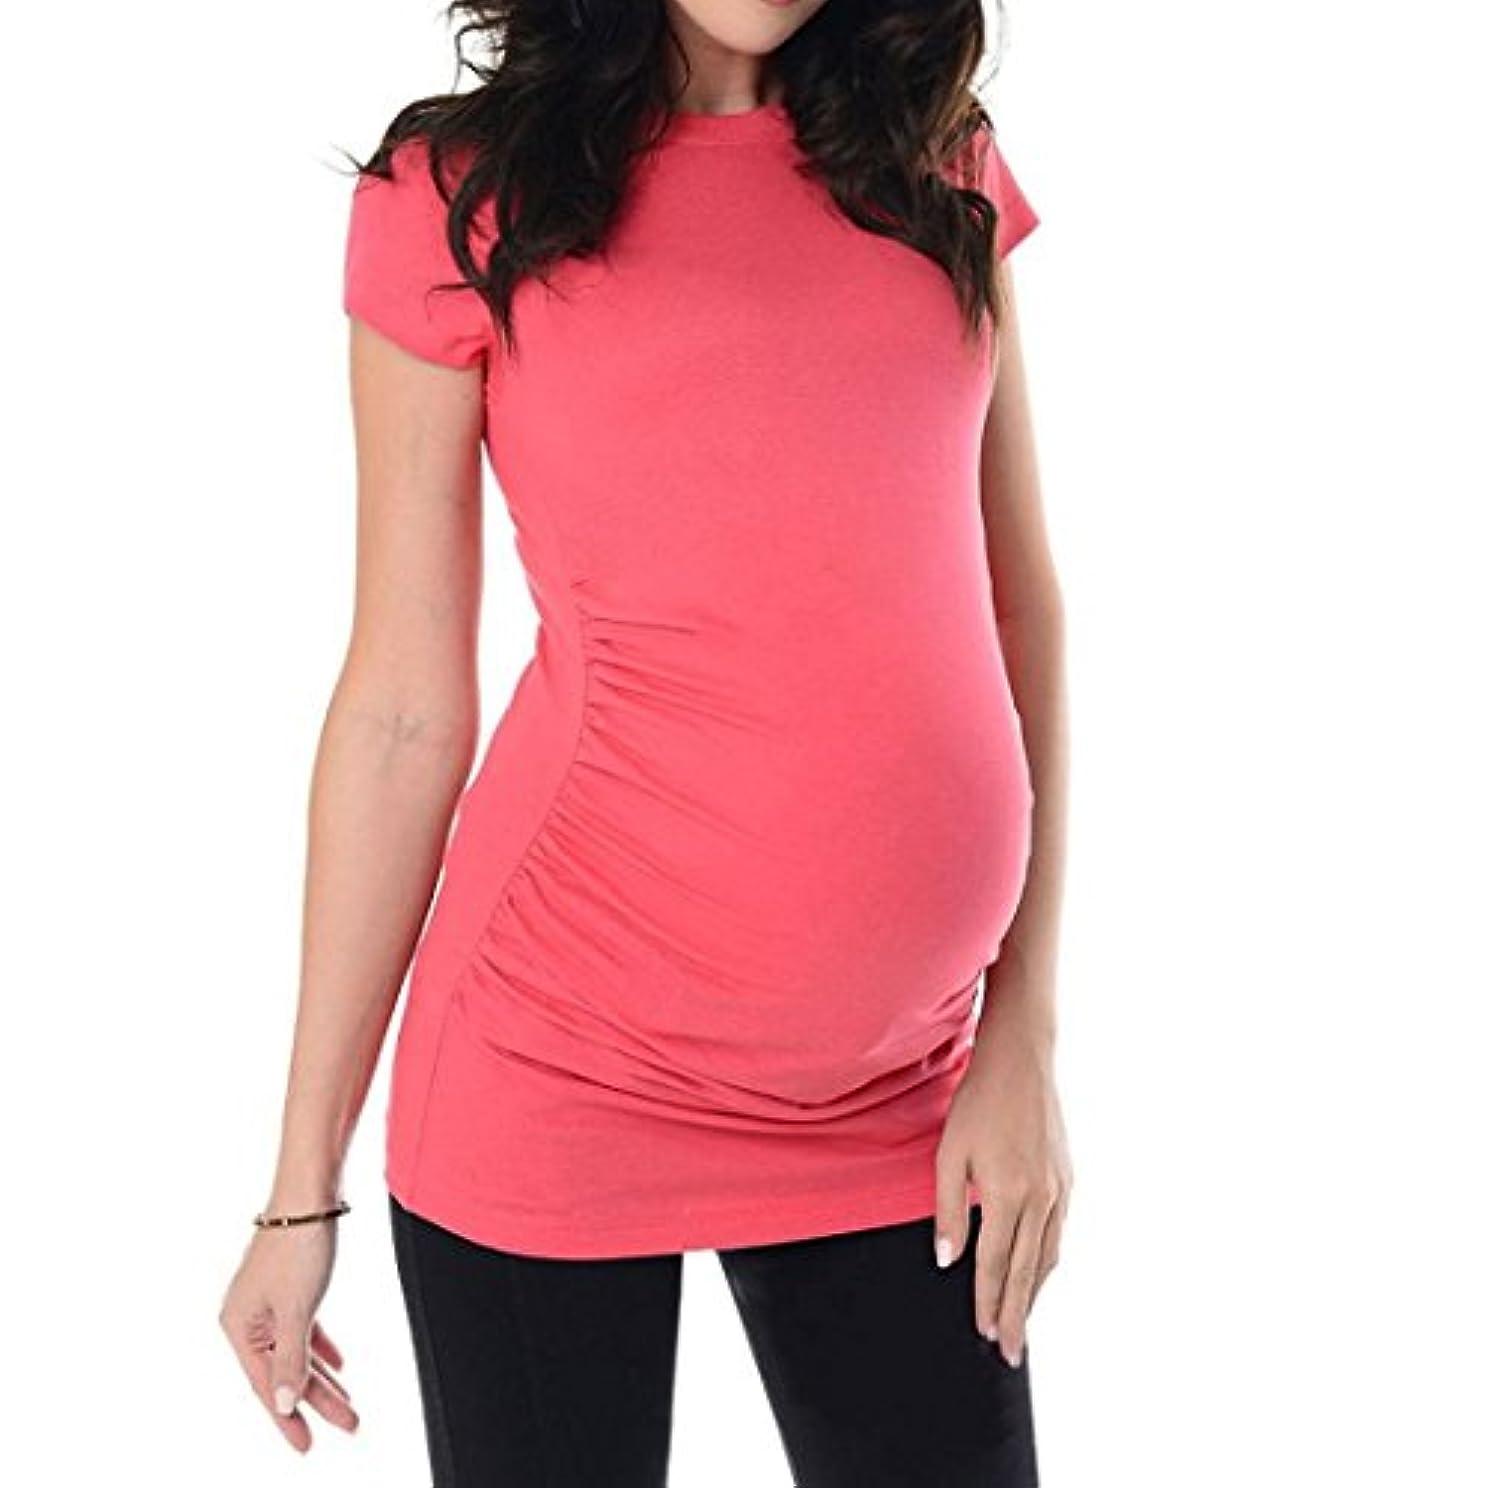 虫を数えるシロナガスクジラマルコポーロSakuraBest Pregnant Women's Summer Short Sleeves Maternity Solid Long T Shirt